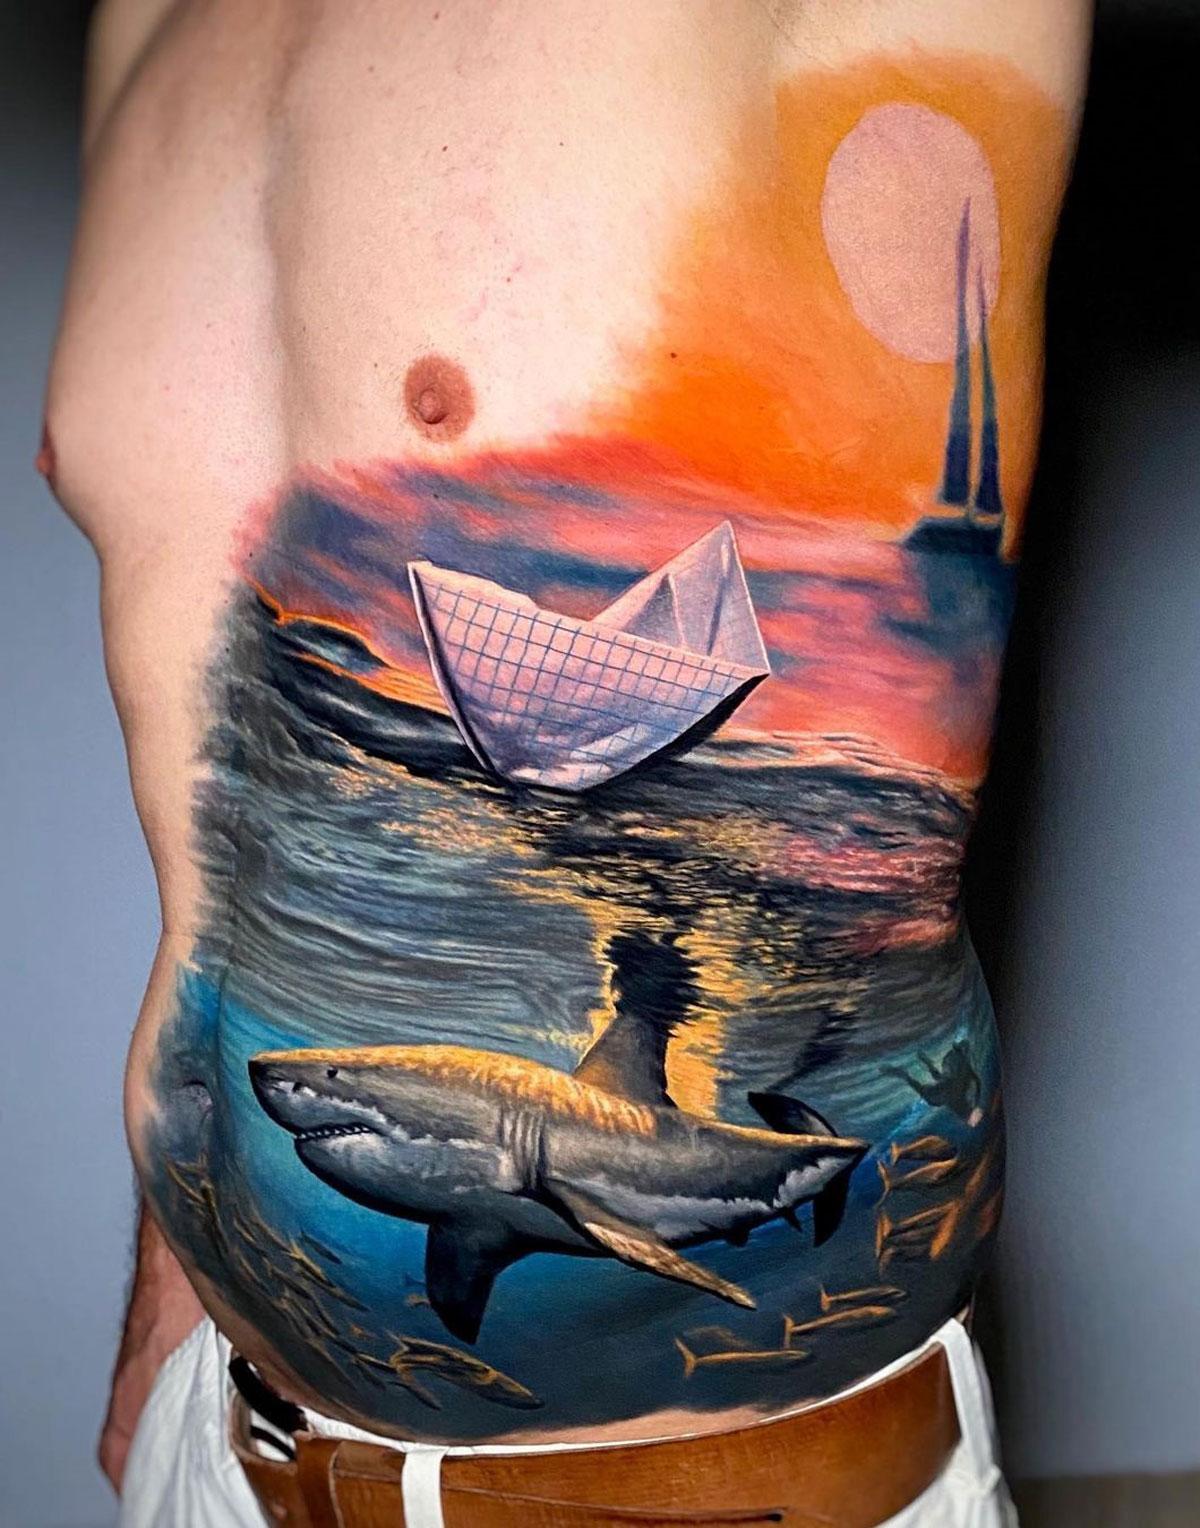 Shark and boats